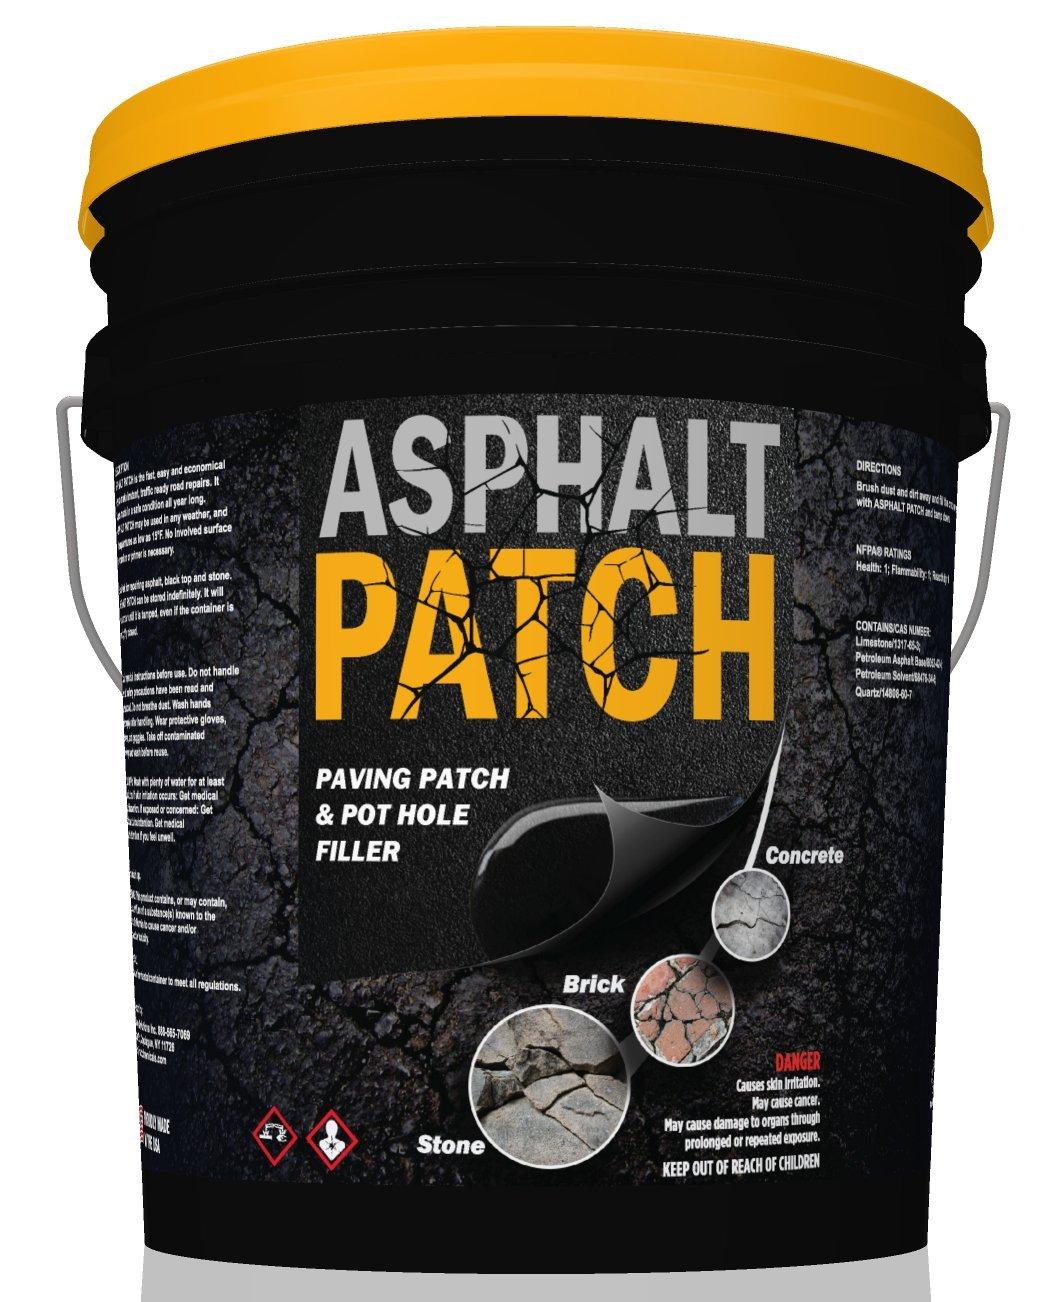 ASPHALT PATCH & POTHOLE FILLER 65 lb Pail | Pothole Repair Kit | Driveway Patch | Paving Patch - 5 Gallon Pail